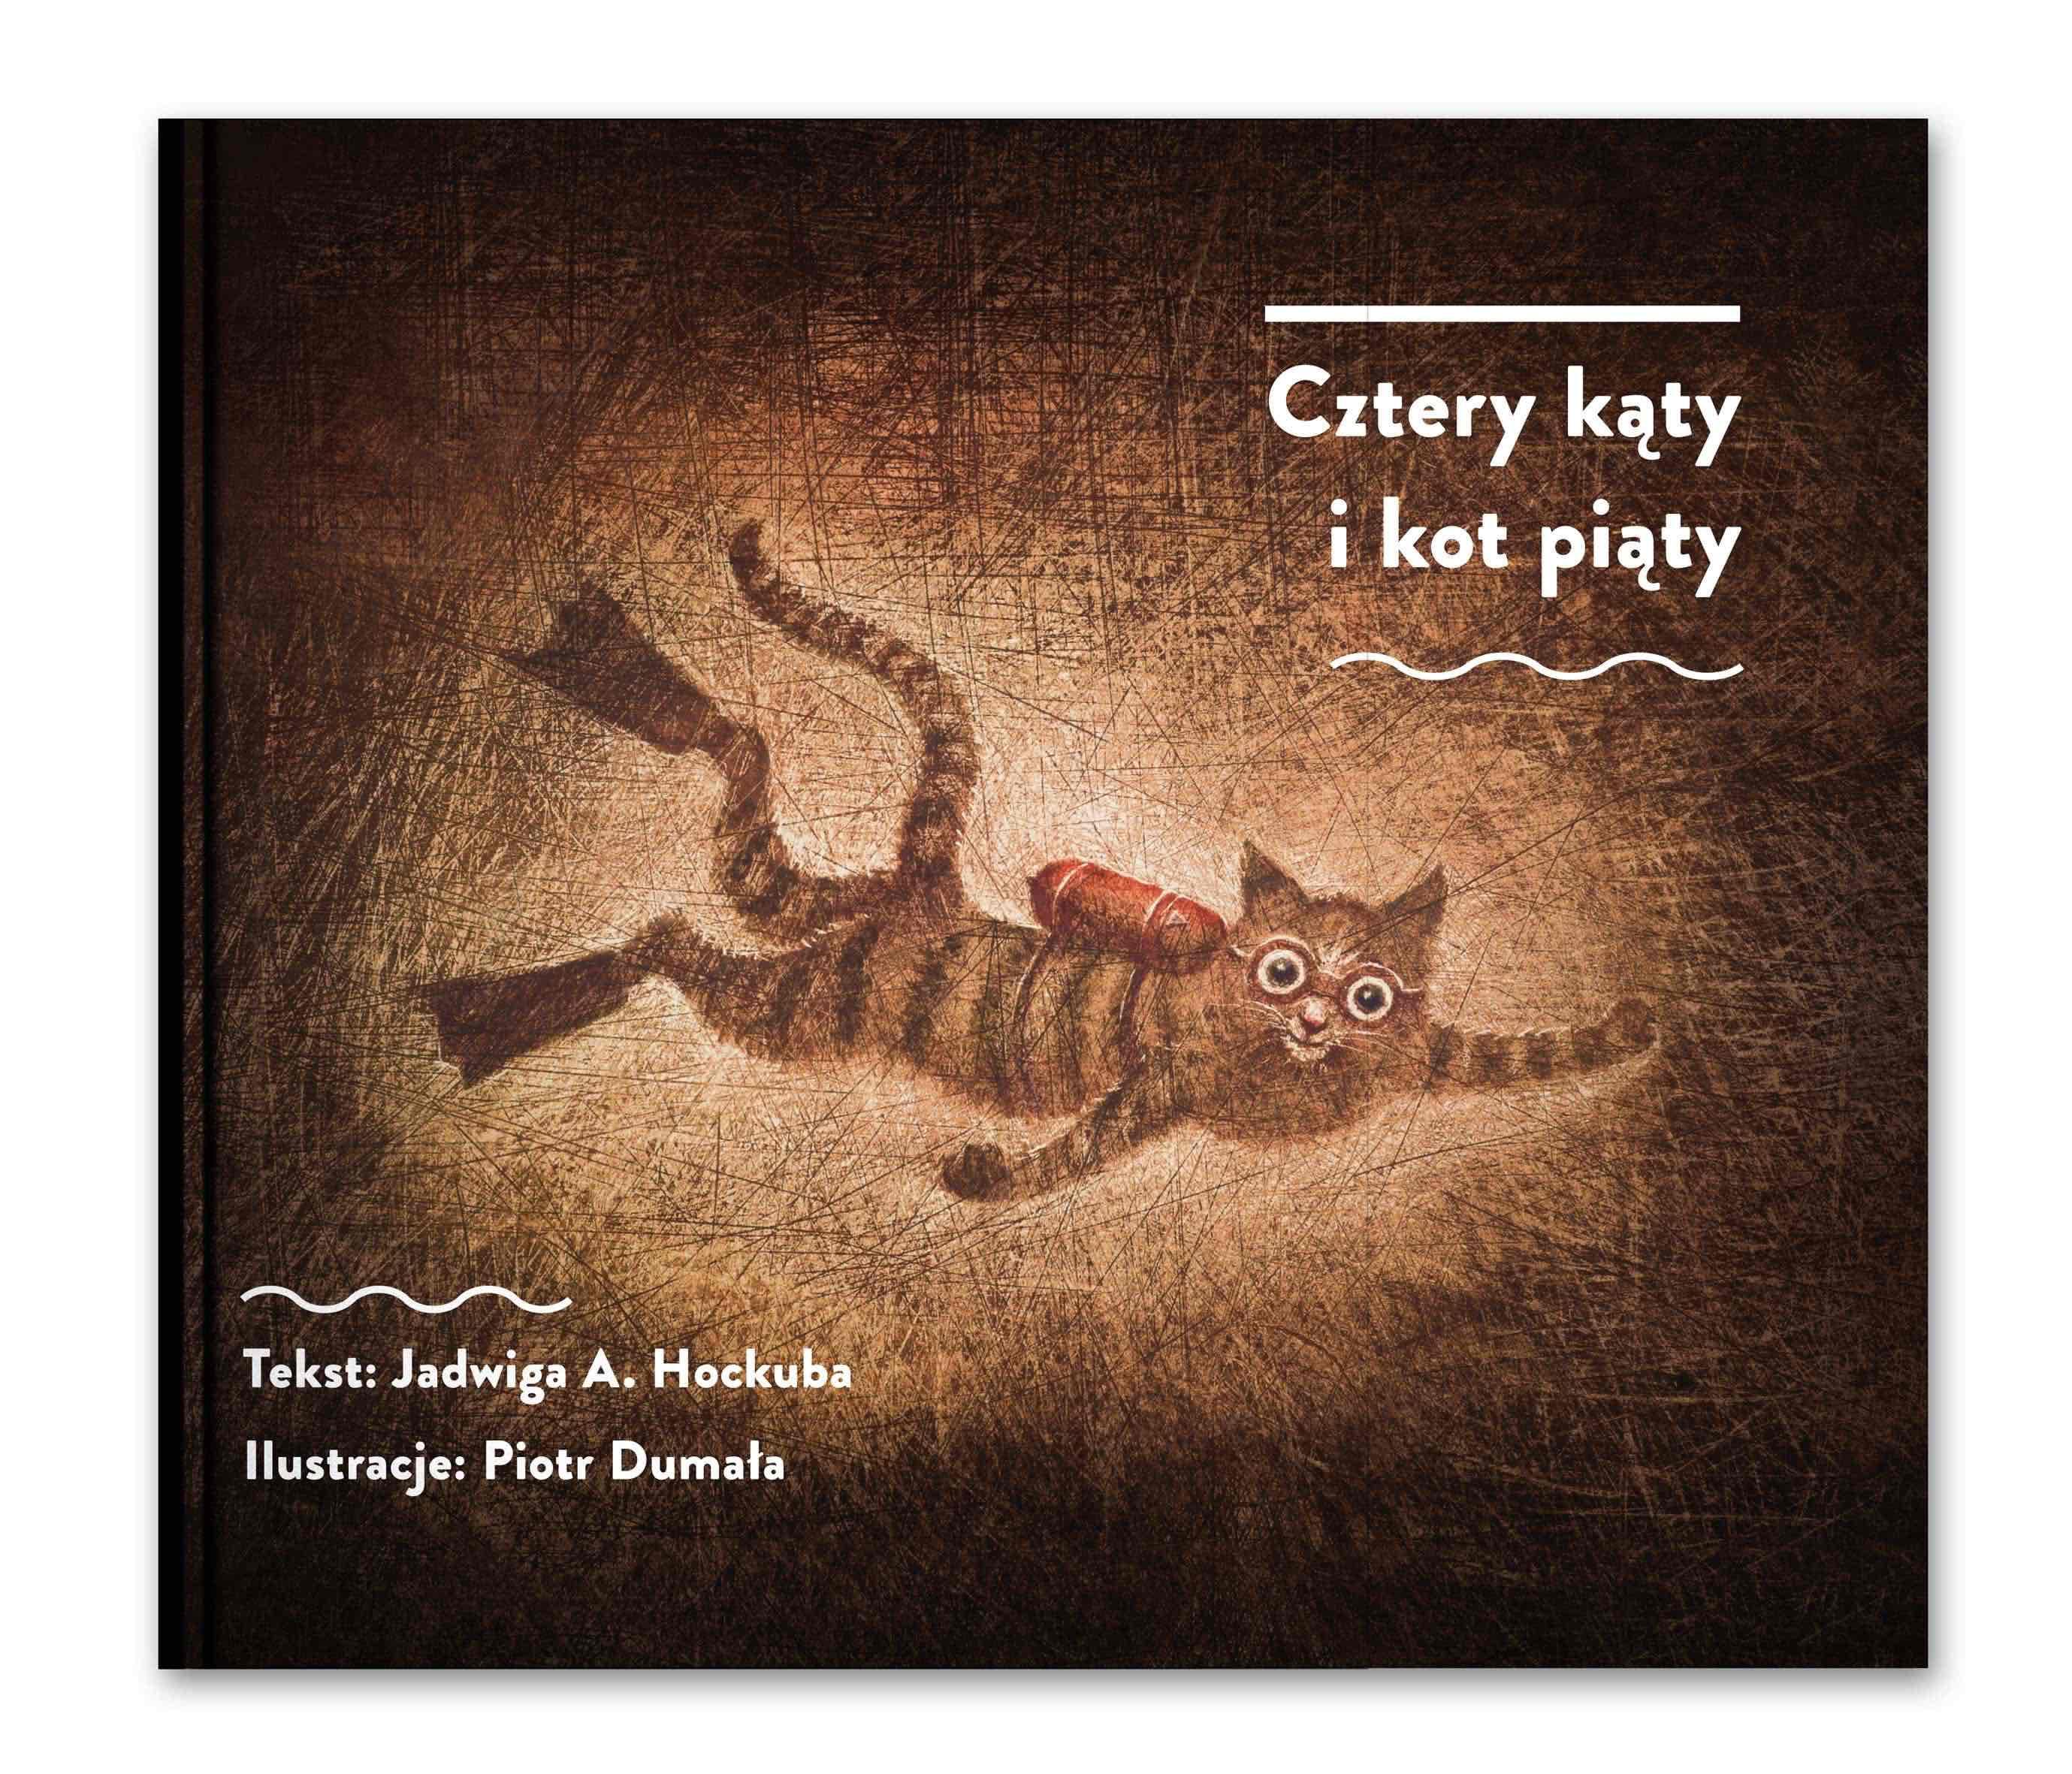 Cztery kąty i kot piąty Jadwigi Hockuby i Piotra Dumały – premiera książki 6 grudnia